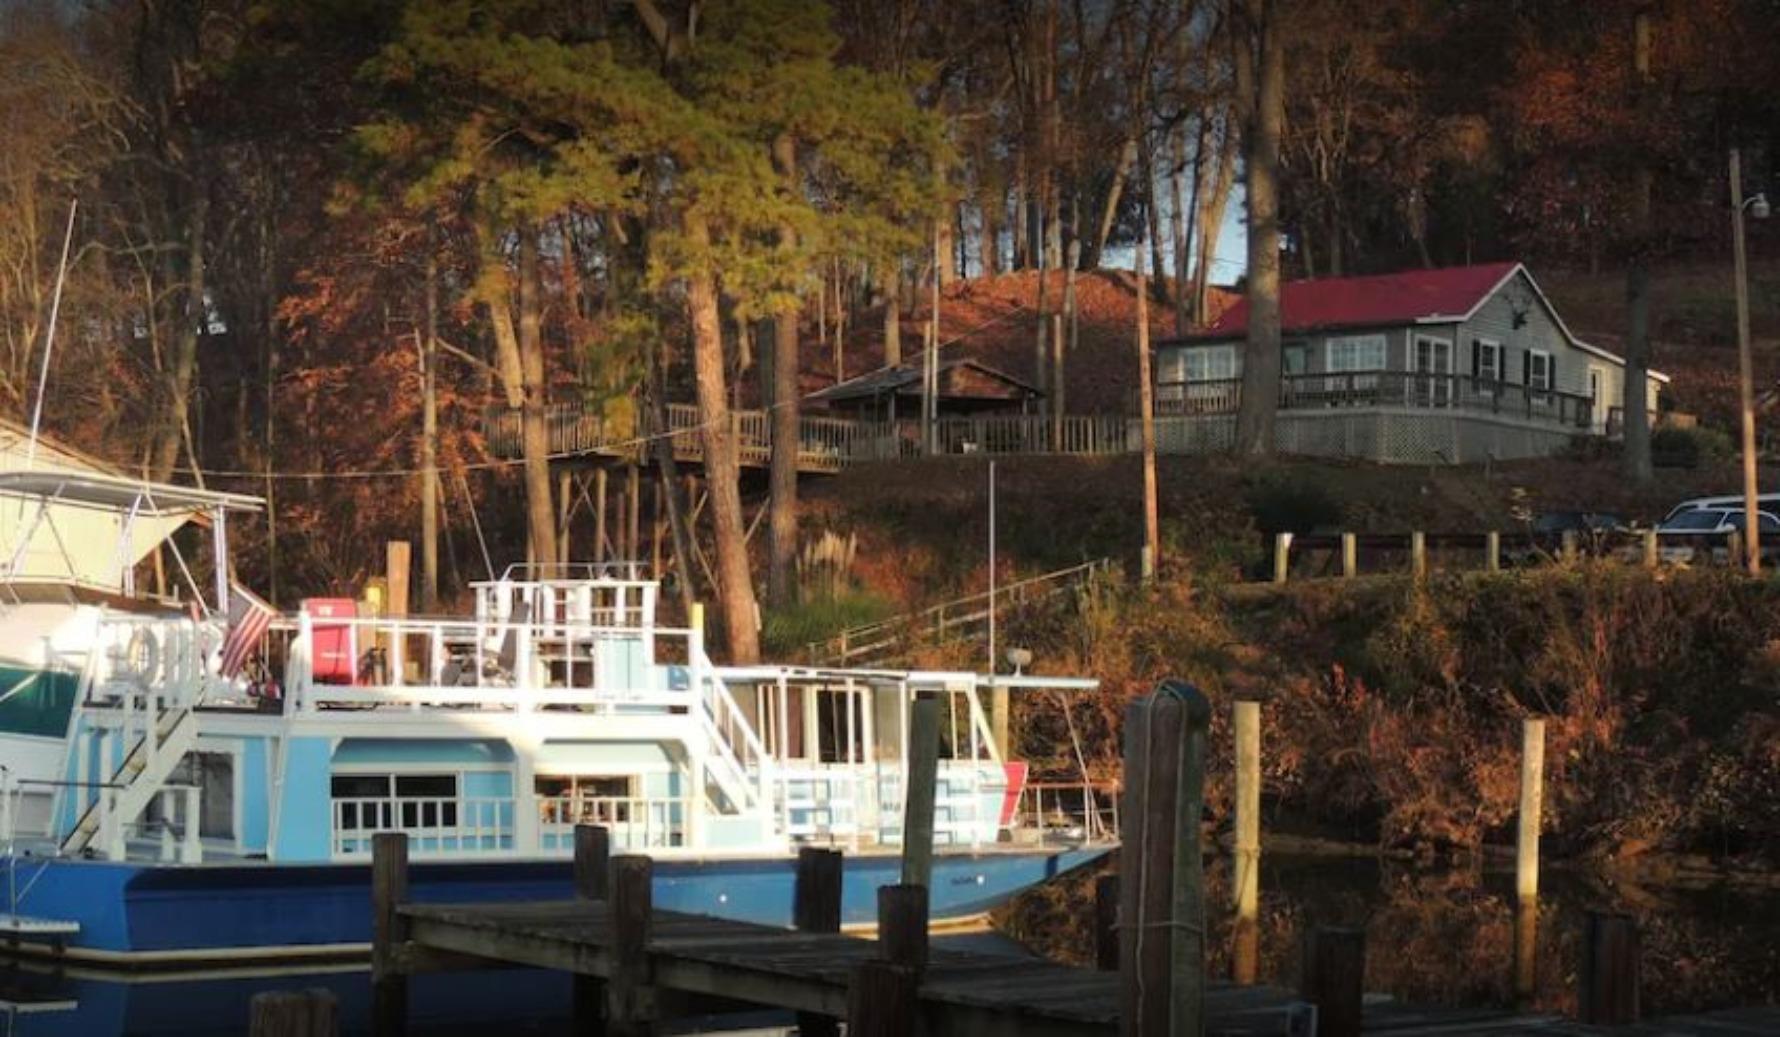 A boat docked at a dock at M/V Giamaria.